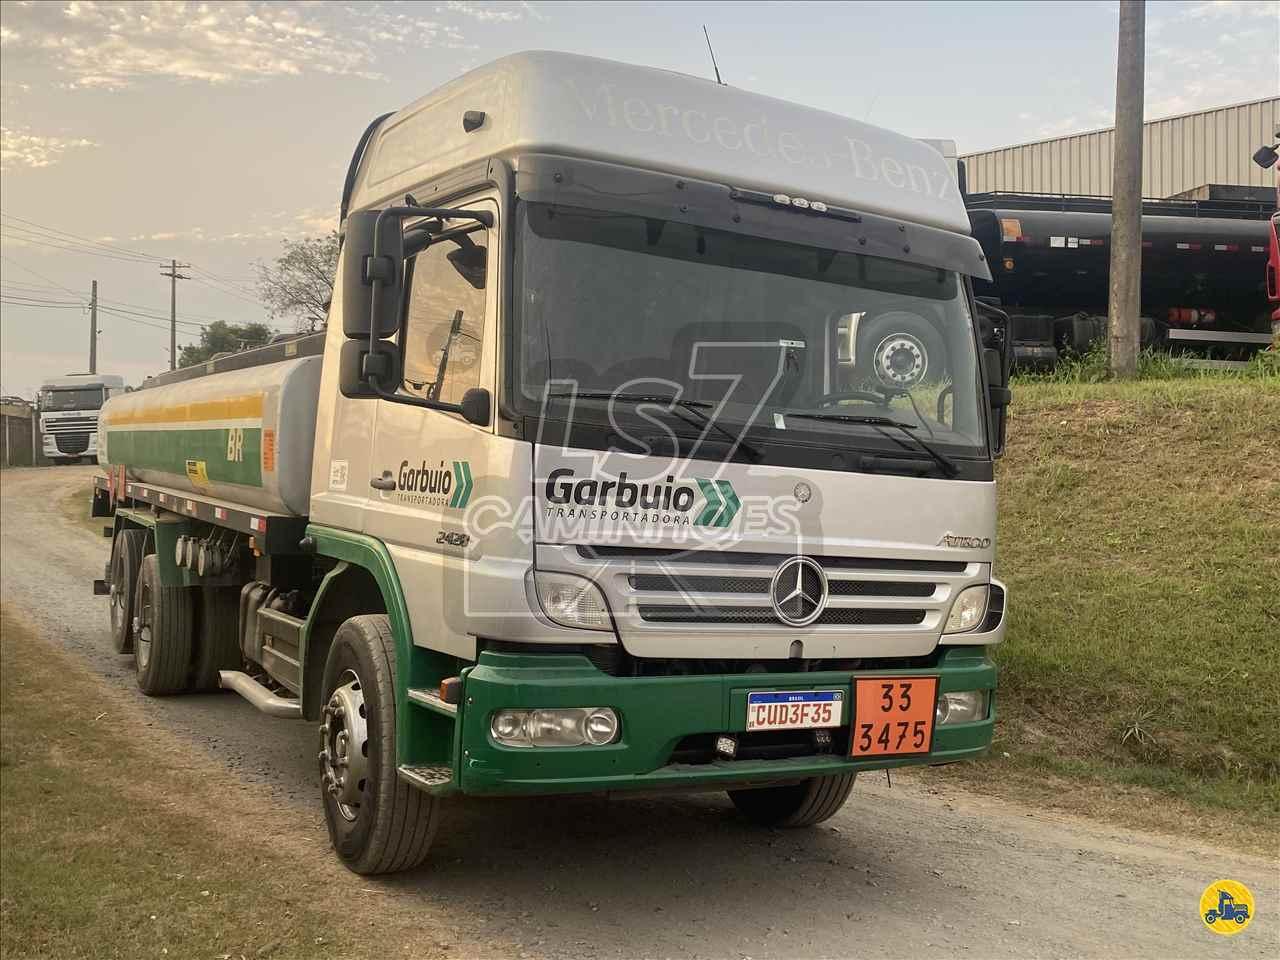 CAMINHAO MERCEDES-BENZ MB 2428 Tanque Aço Truck 6x2 LS 7 Caminhões LIMEIRA SÃO PAULO SP